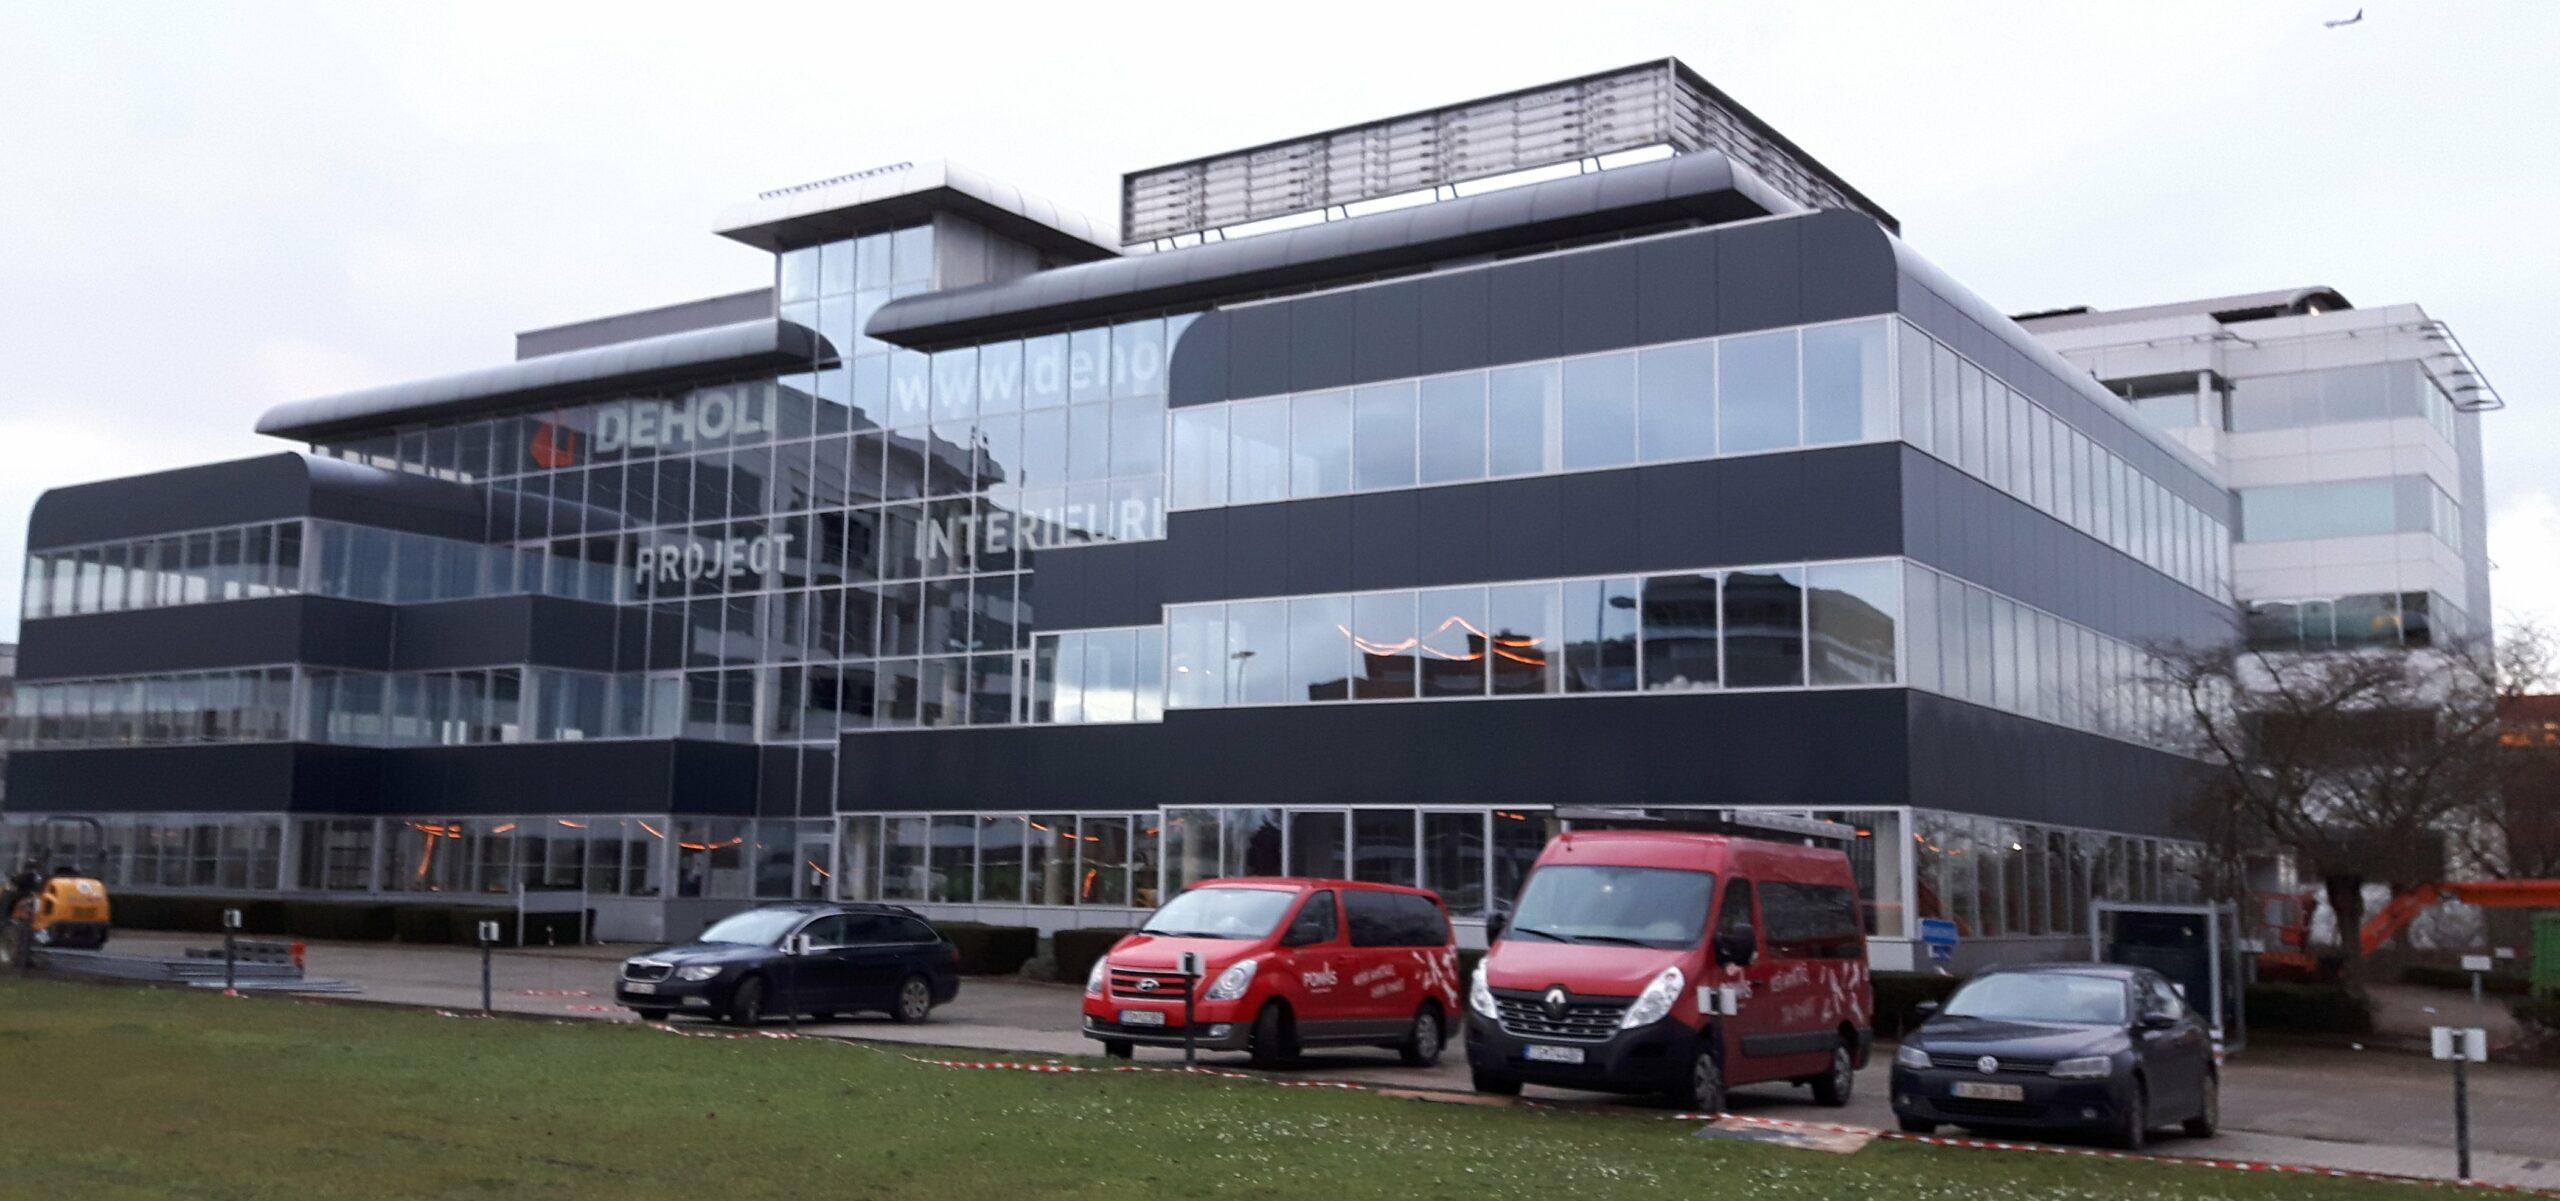 boydens-Cải tạo khối văn phòng 7 Pegasus Parc